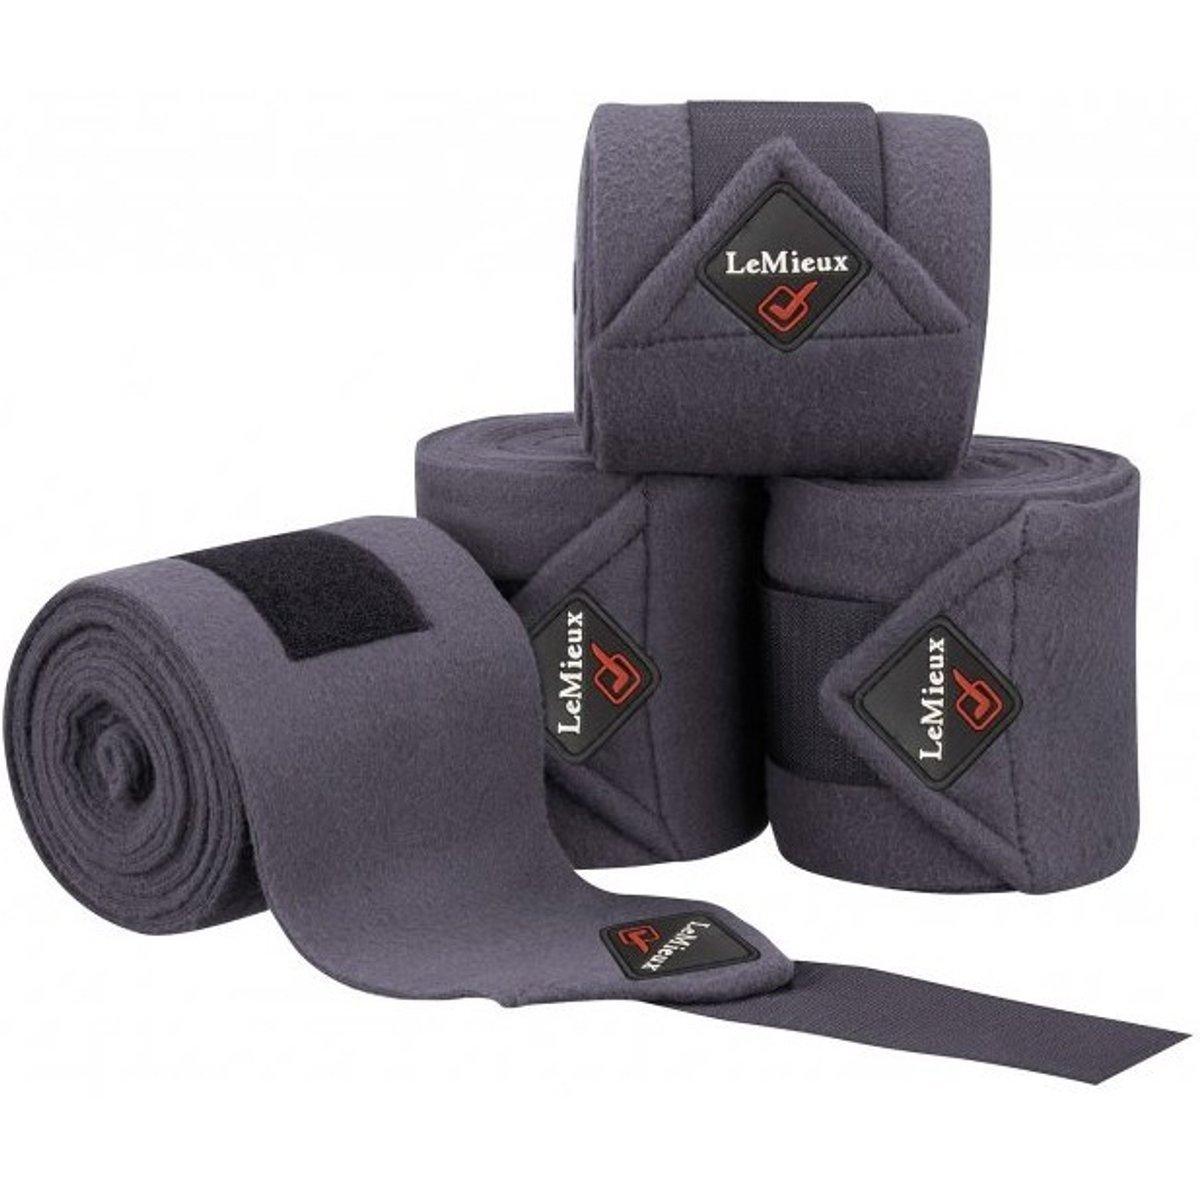 Le Mieux Luxury Fleece Polo Bandages (Gray, Full)